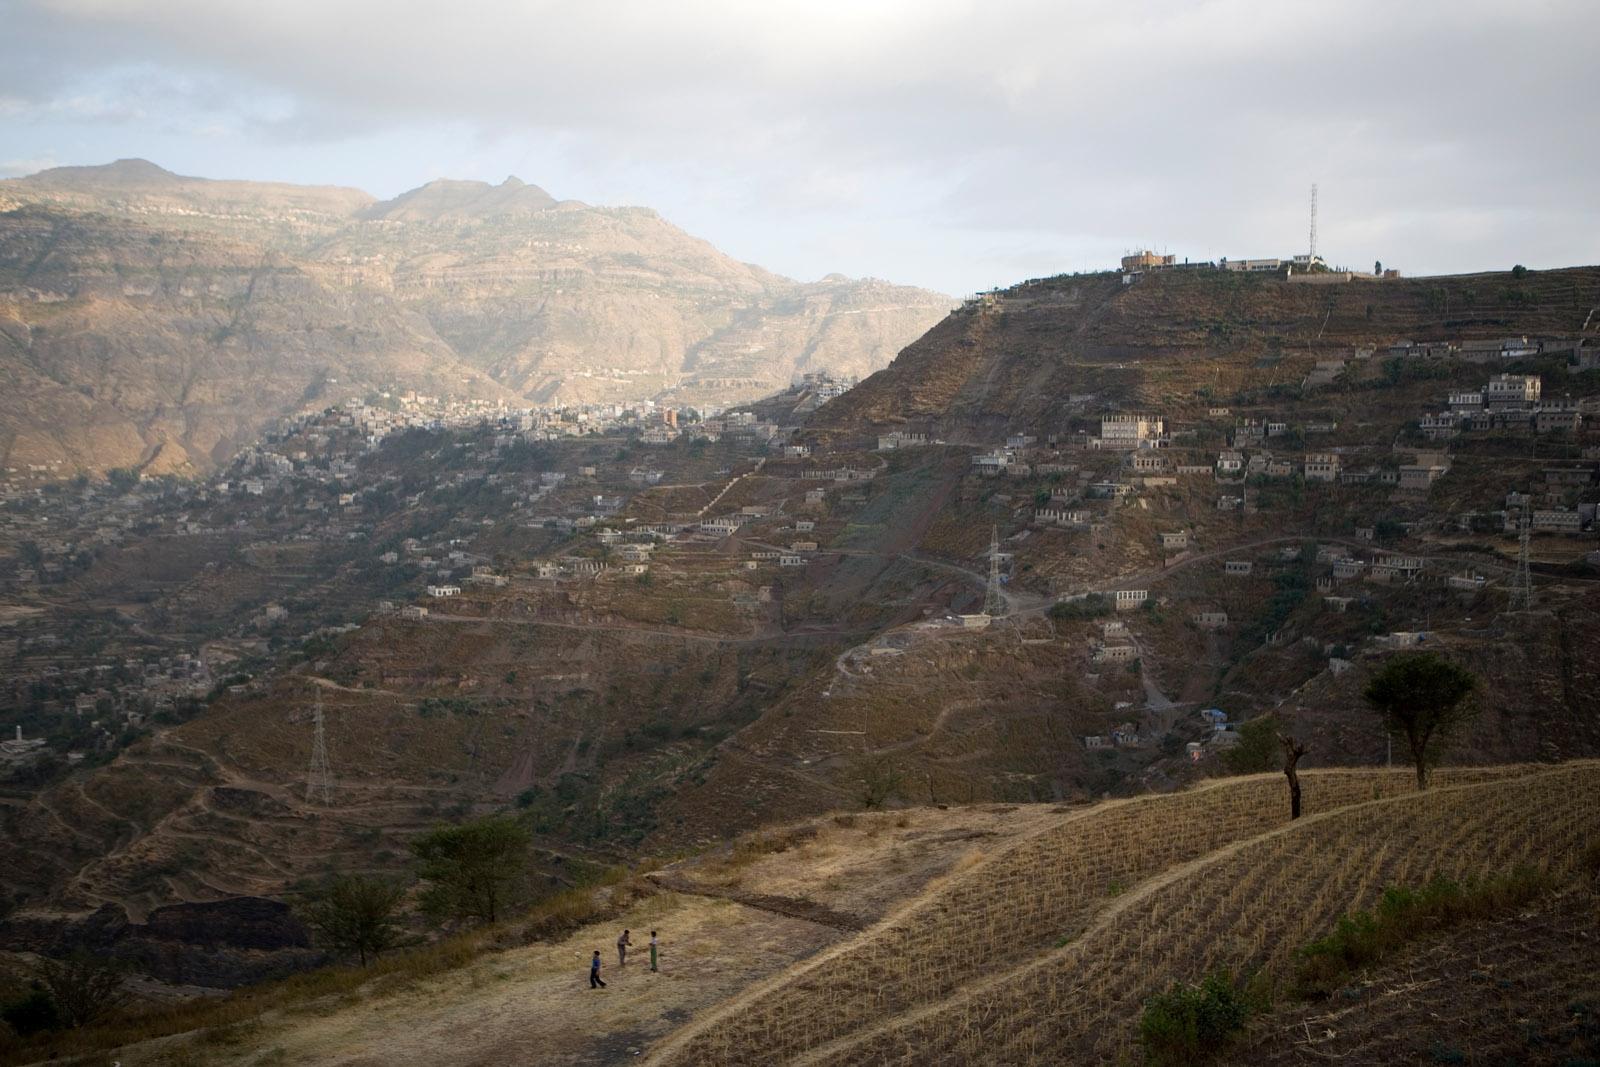 Ibb, Yeman. All rights reserved © Tomas Bertelsen